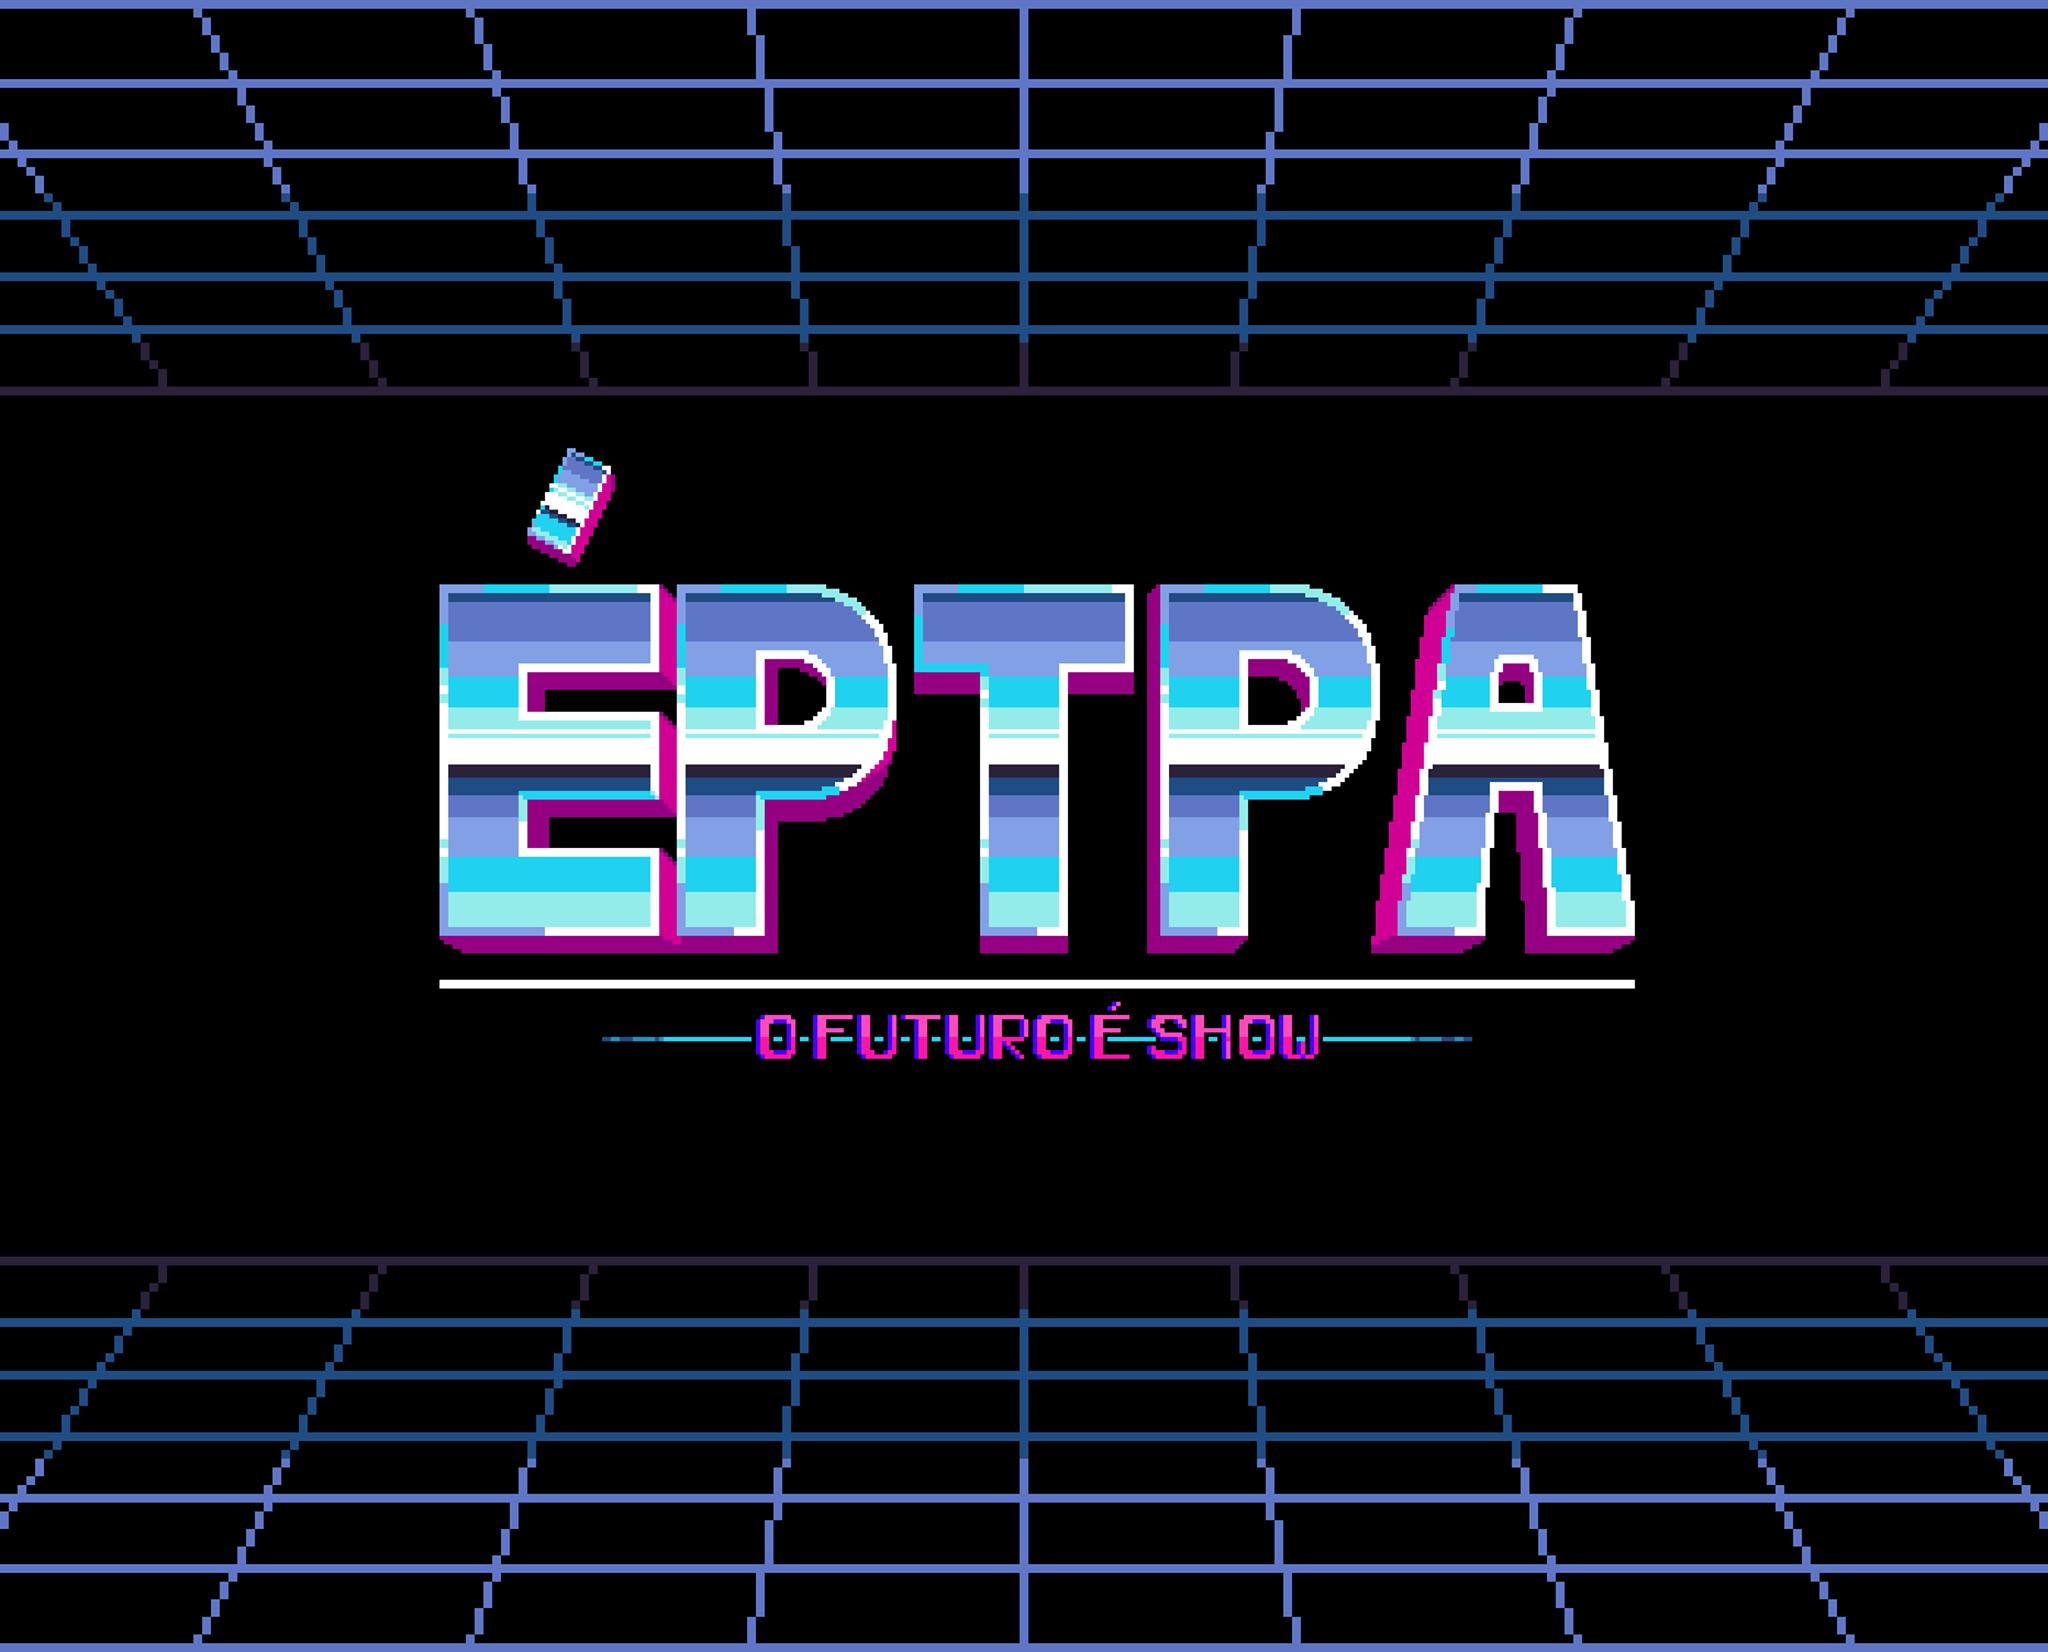 eptpa